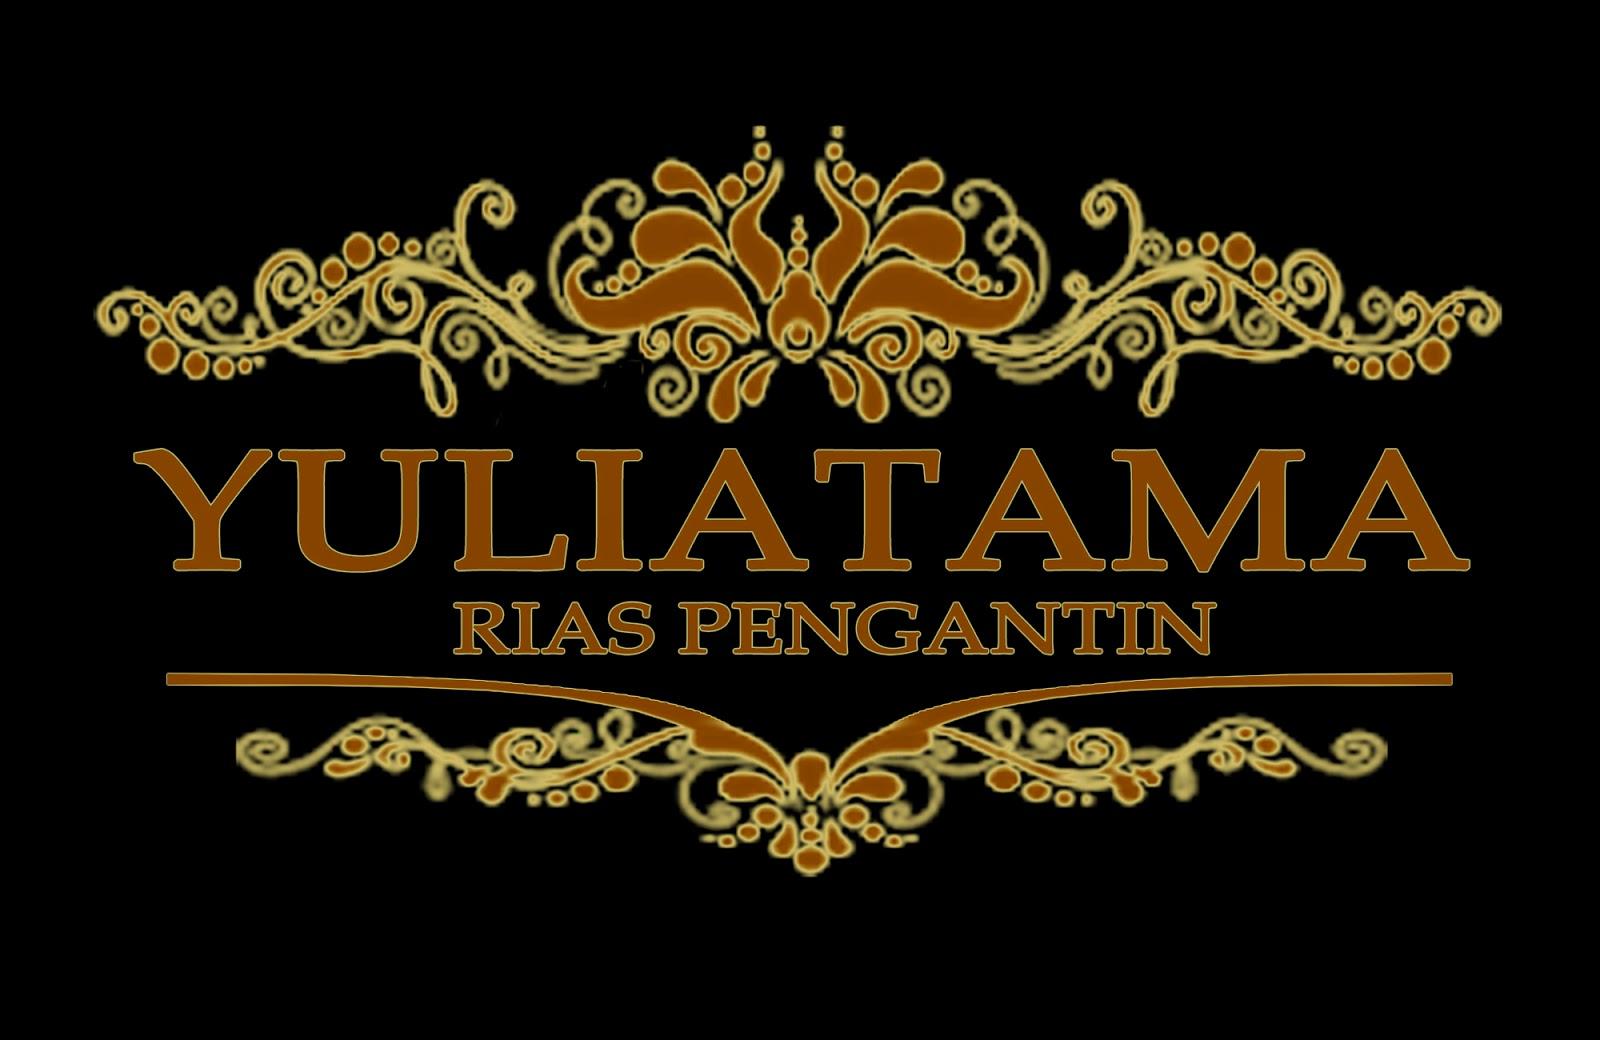 Yuliatama Rias Pengantin